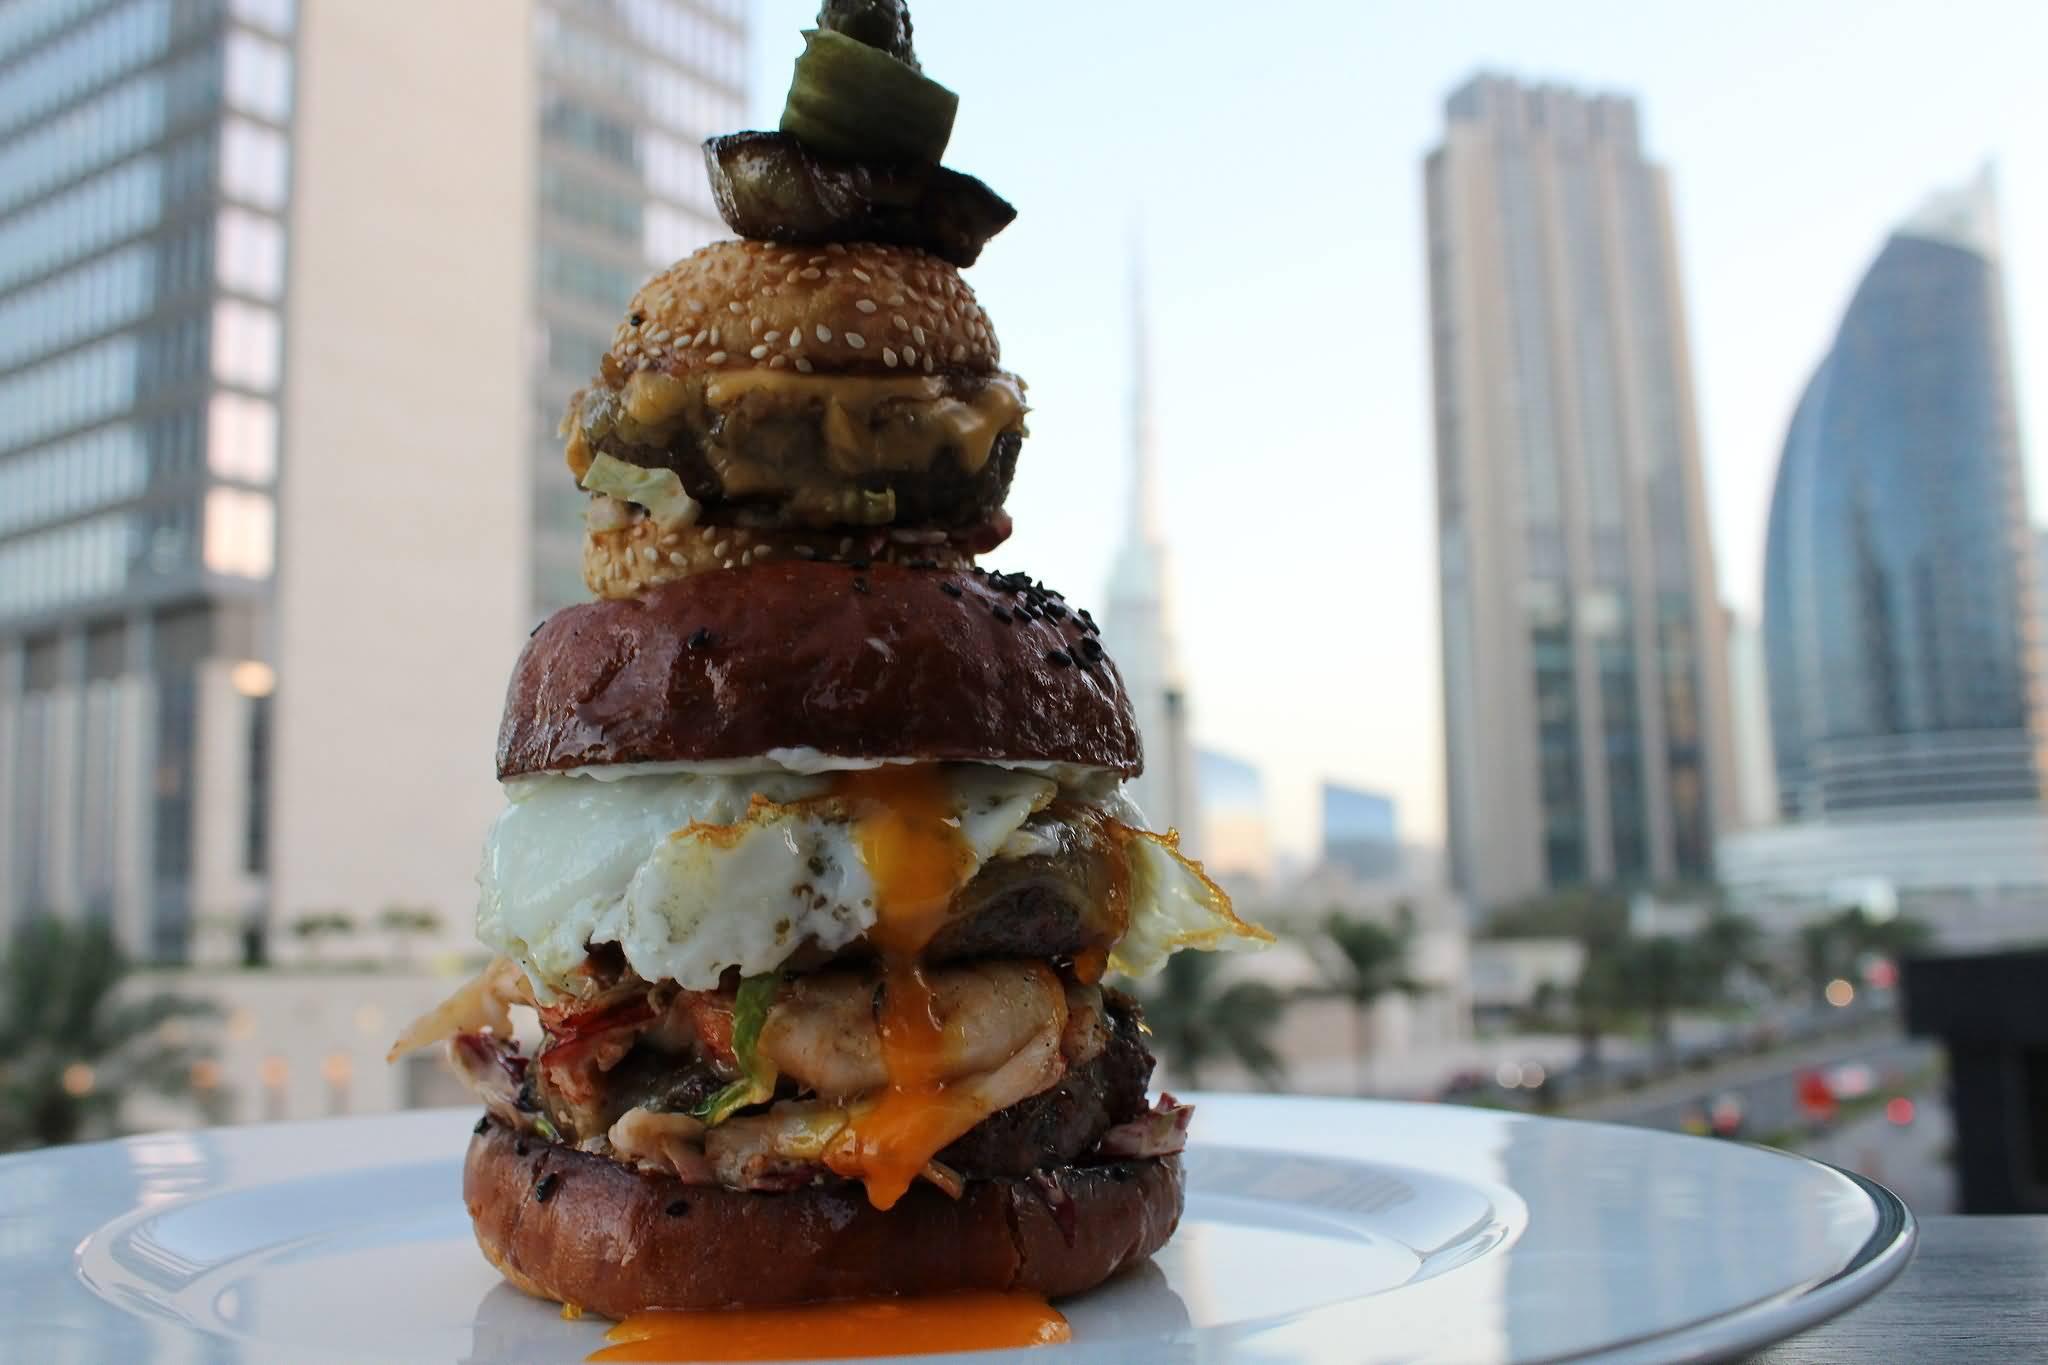 هل يجوز عرض المواد الغذائية أمام المطاعم في دبي ؟